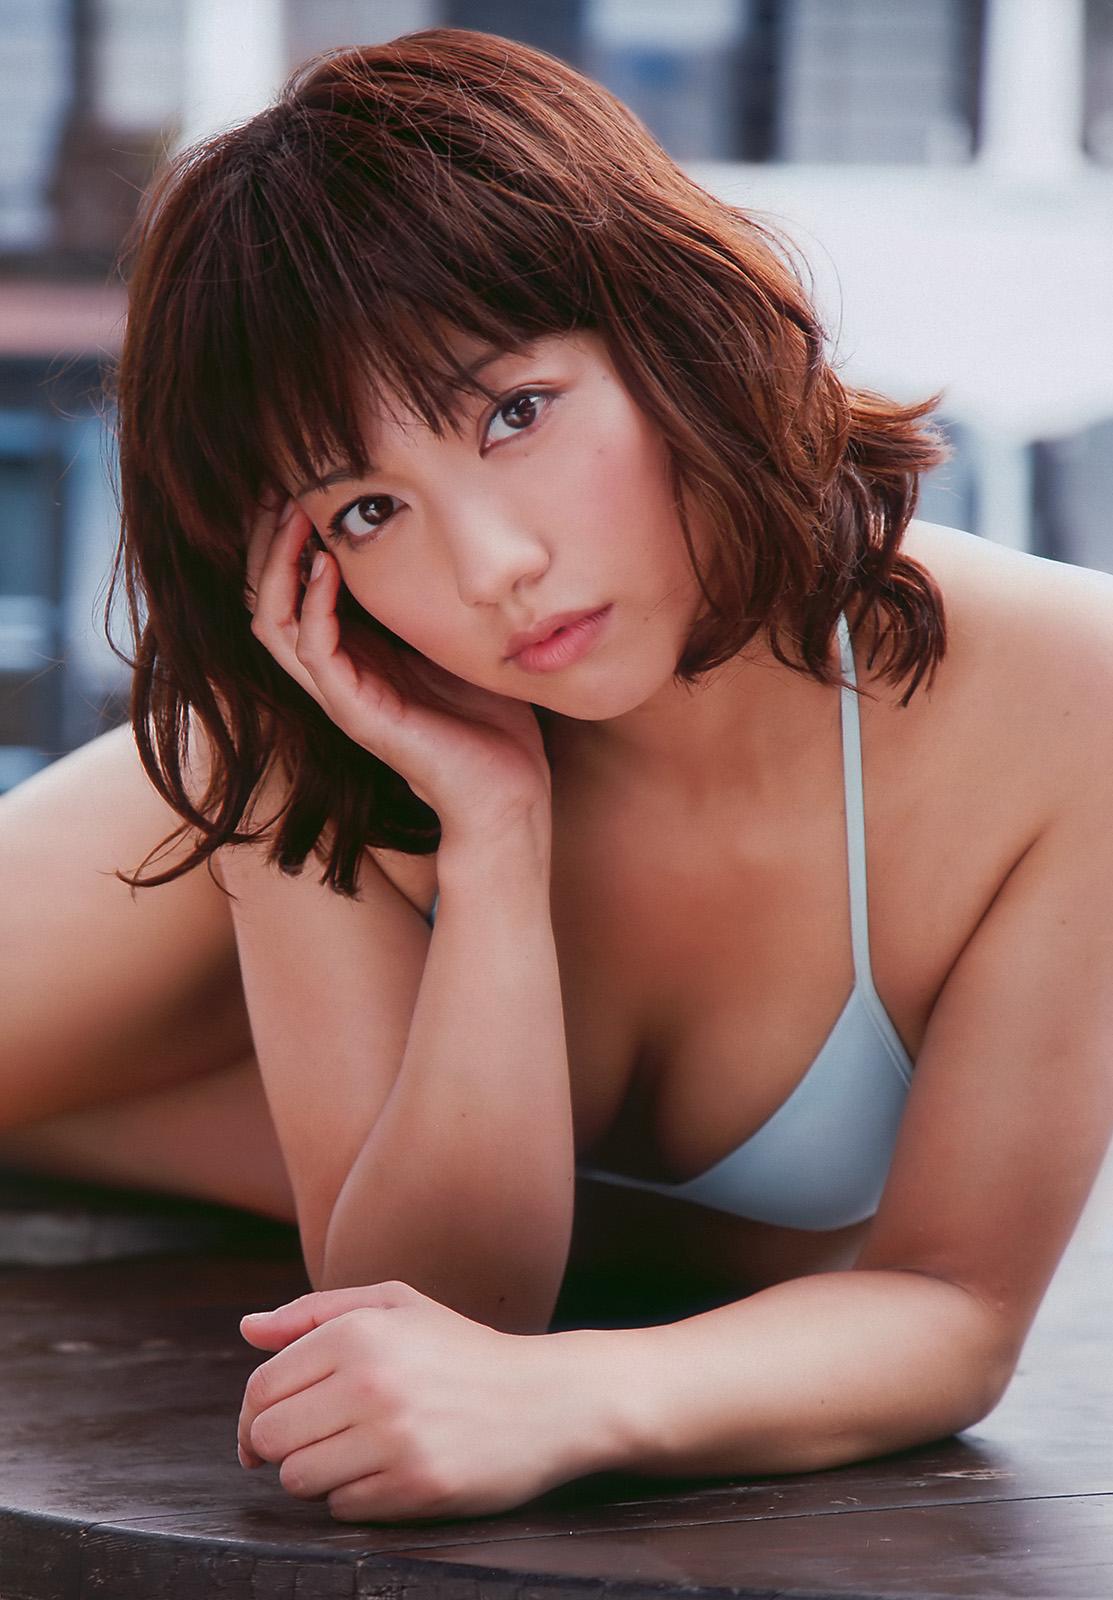 甲斐まり恵(お天気キャスター) 初水着写真集 TURN